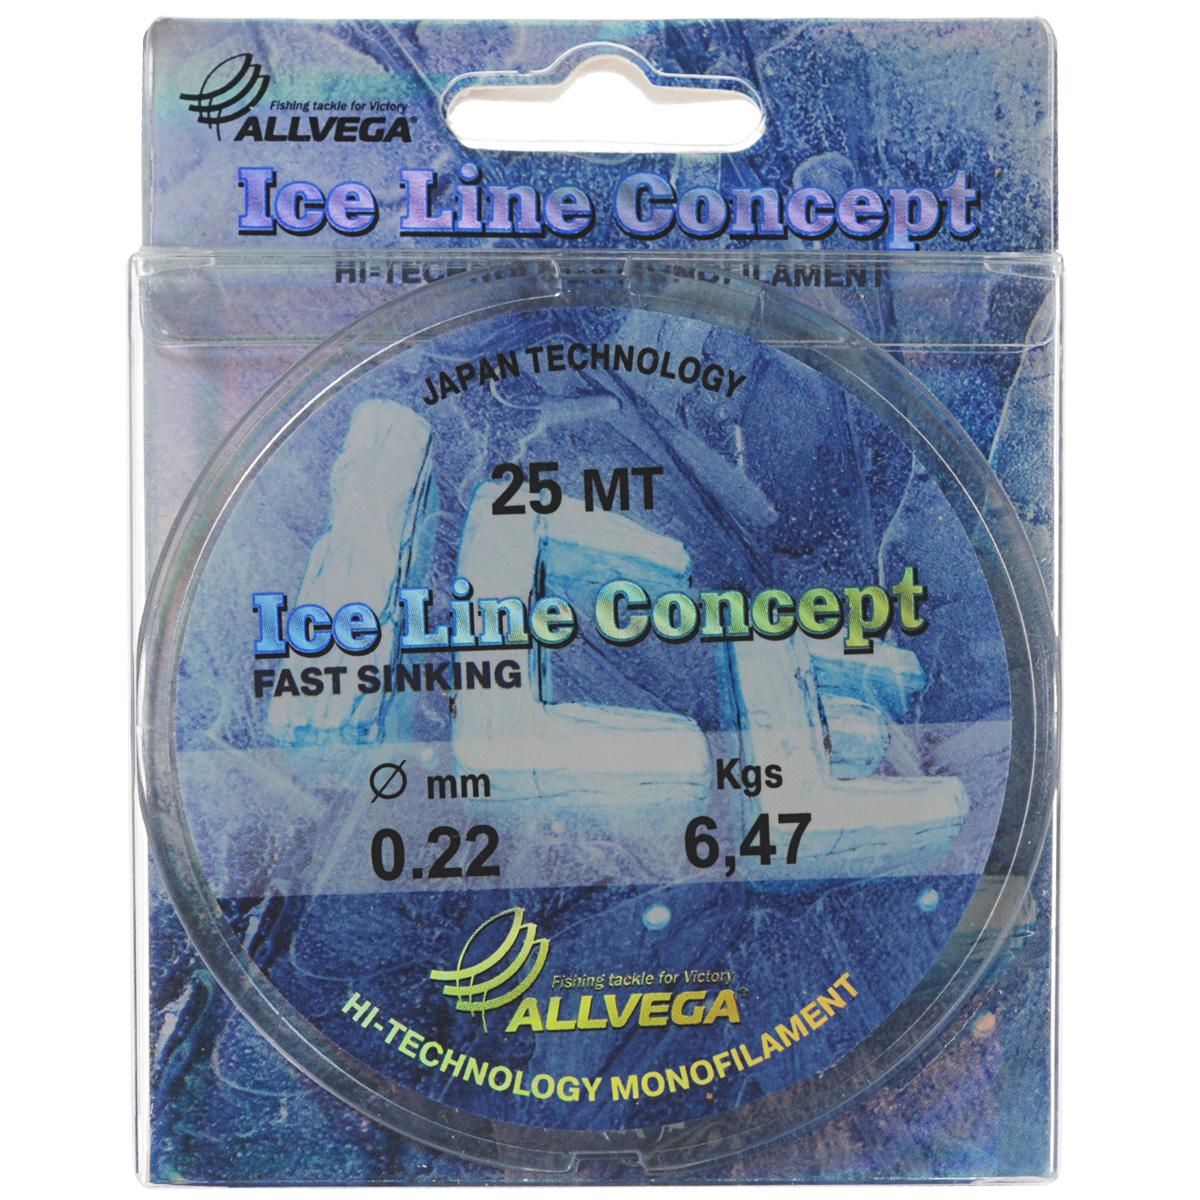 Леска Allvega Ice Line Concept, сечение 0,22 мм, длина 25 м218032Специальная зимняя леска Allvega Ice Line Concept для низких температур. Прозрачная и высокопрочная. Отсутствие механической памяти, позволяет с успехом использовать ее для ловли на мормышку.